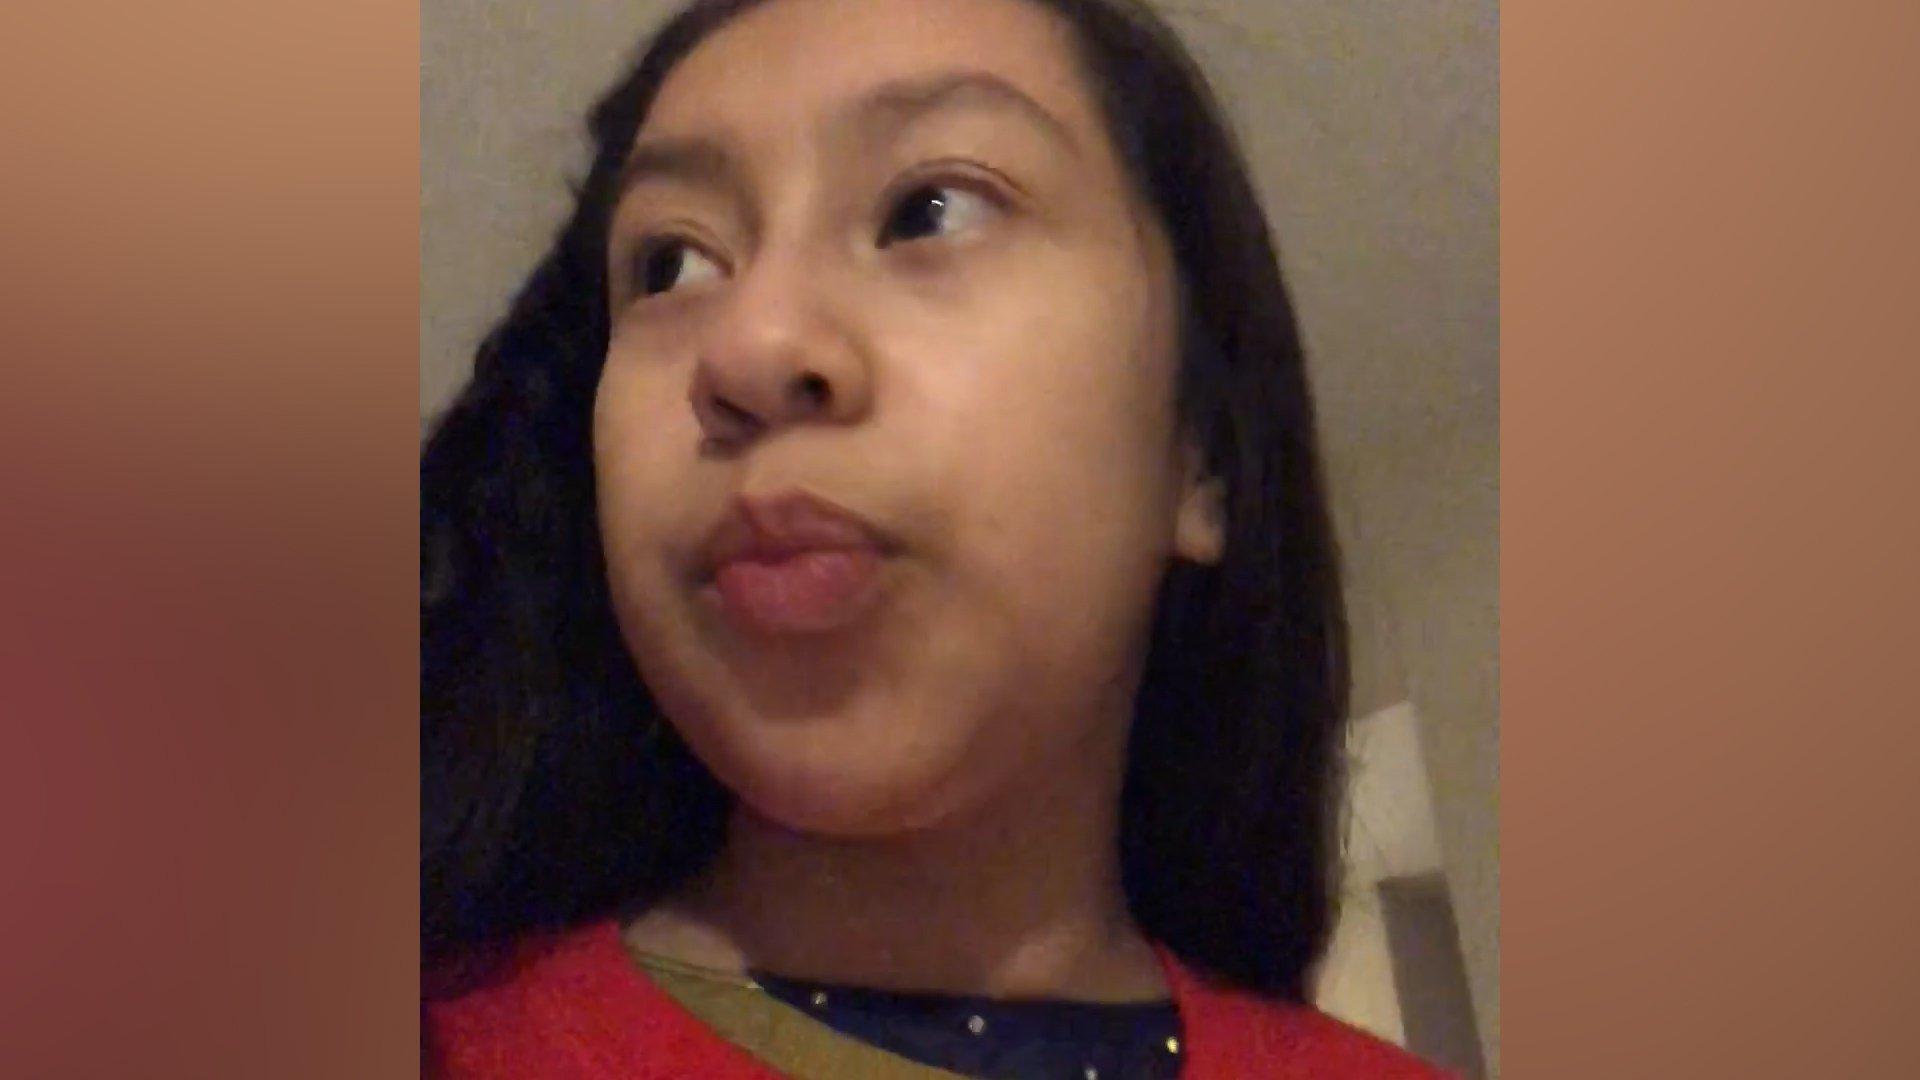 Vídeo: El momento de la explosión en la que murió niña de 12 años